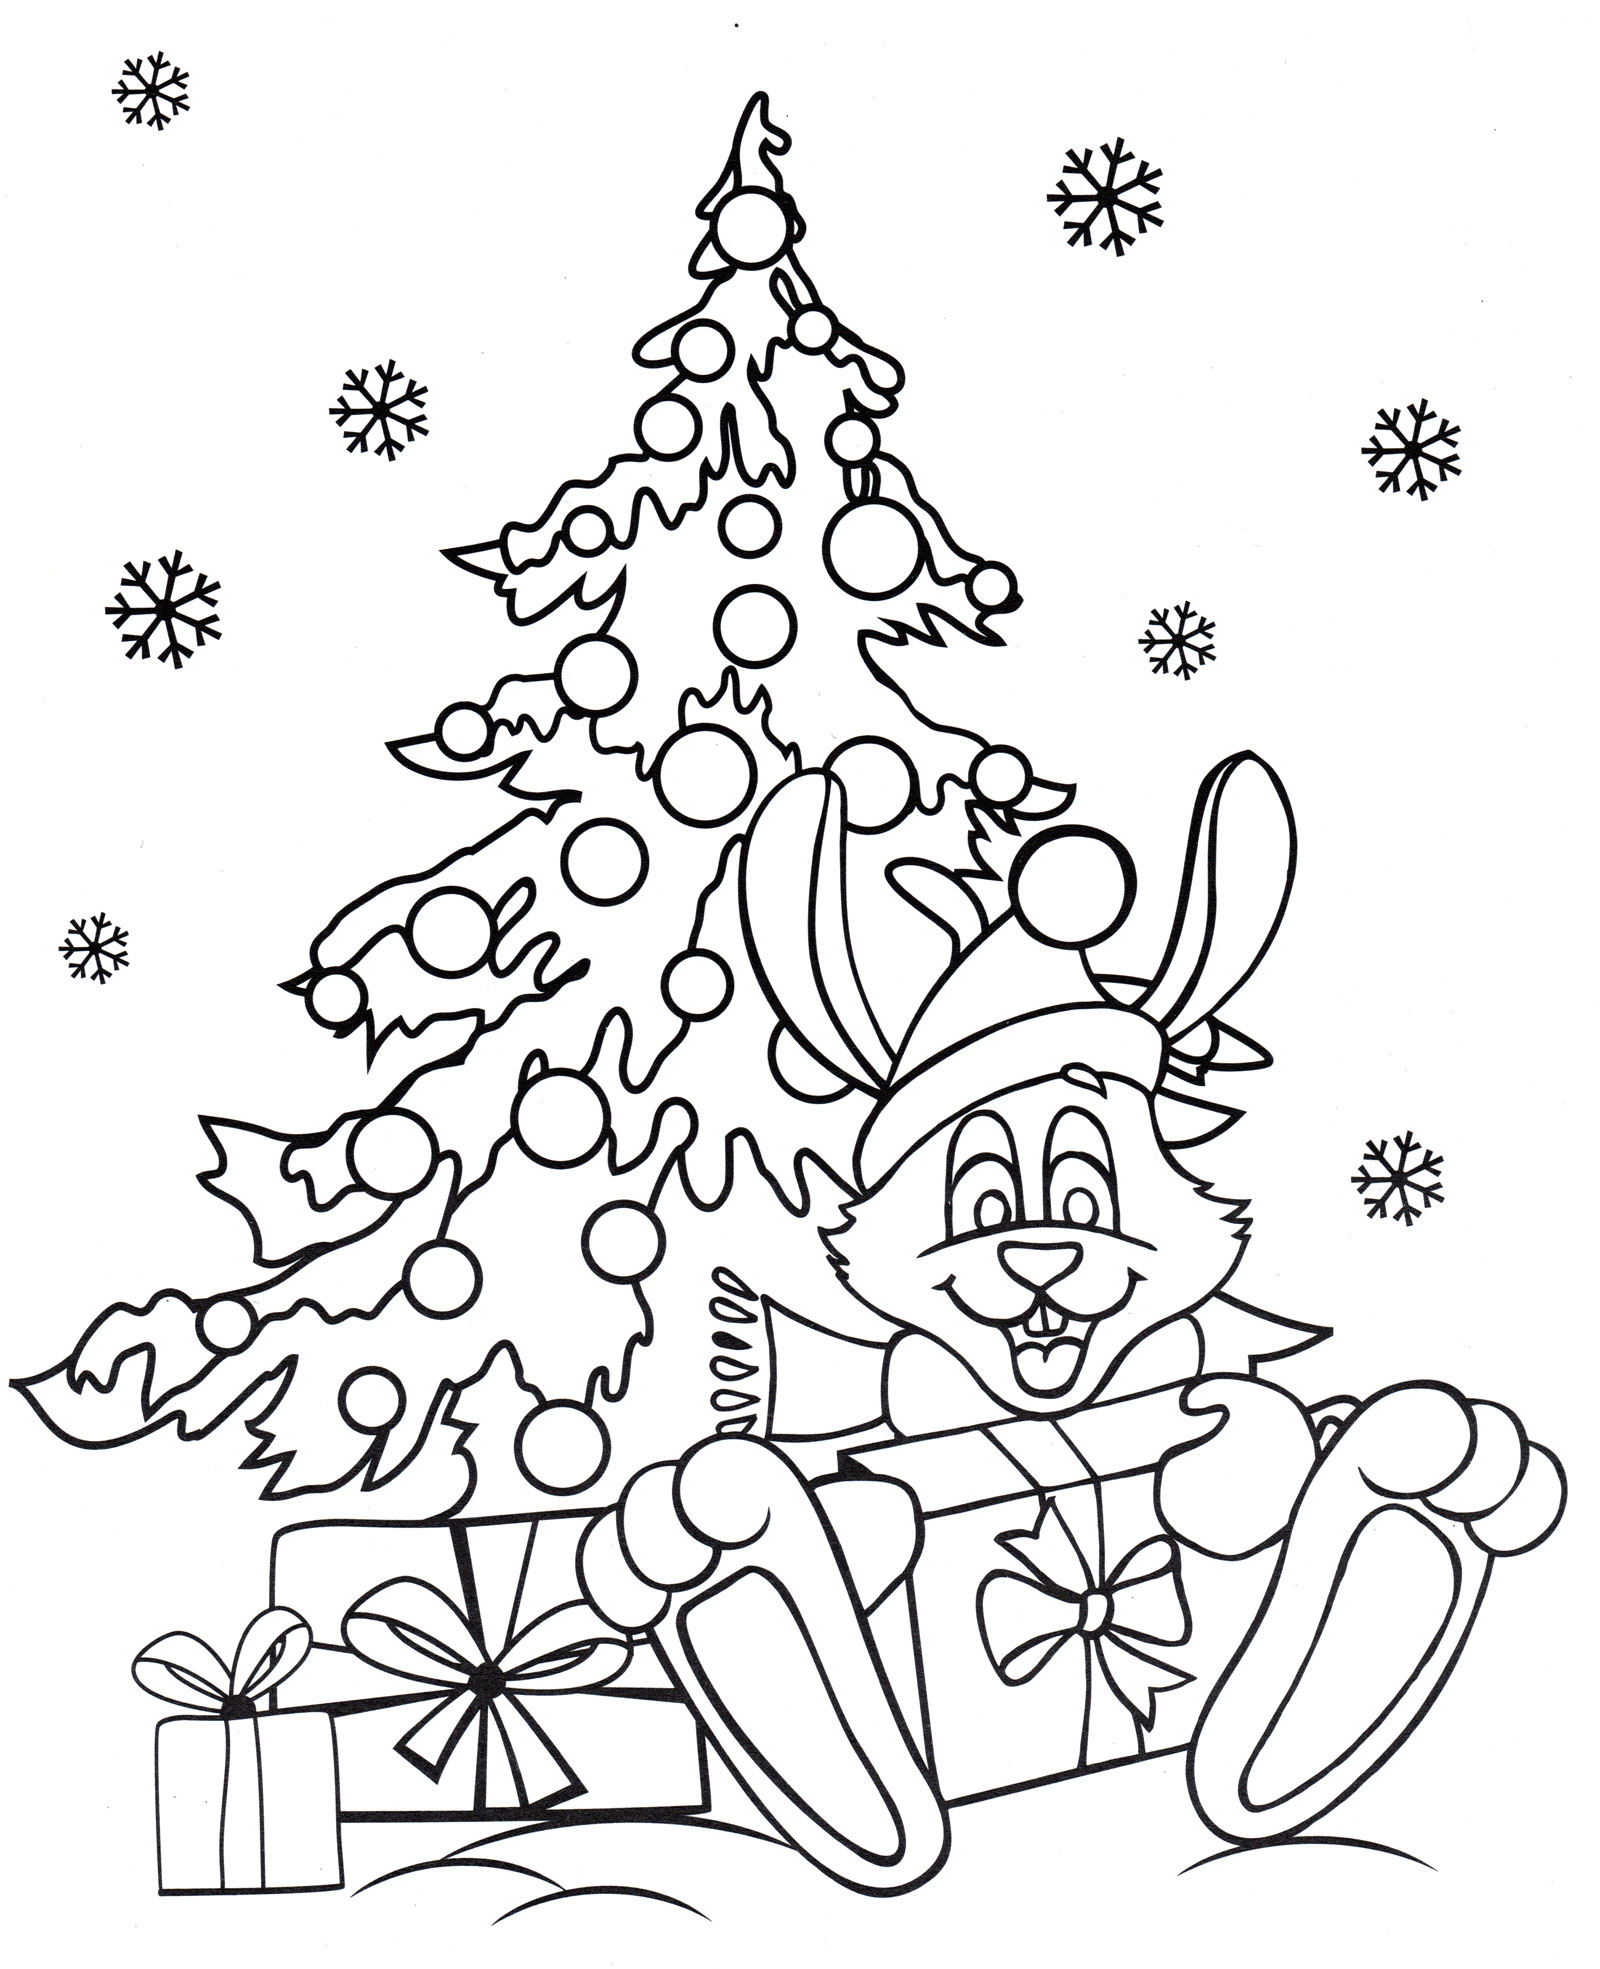 Раскраска Заяц у елки - распечатать бесплатно